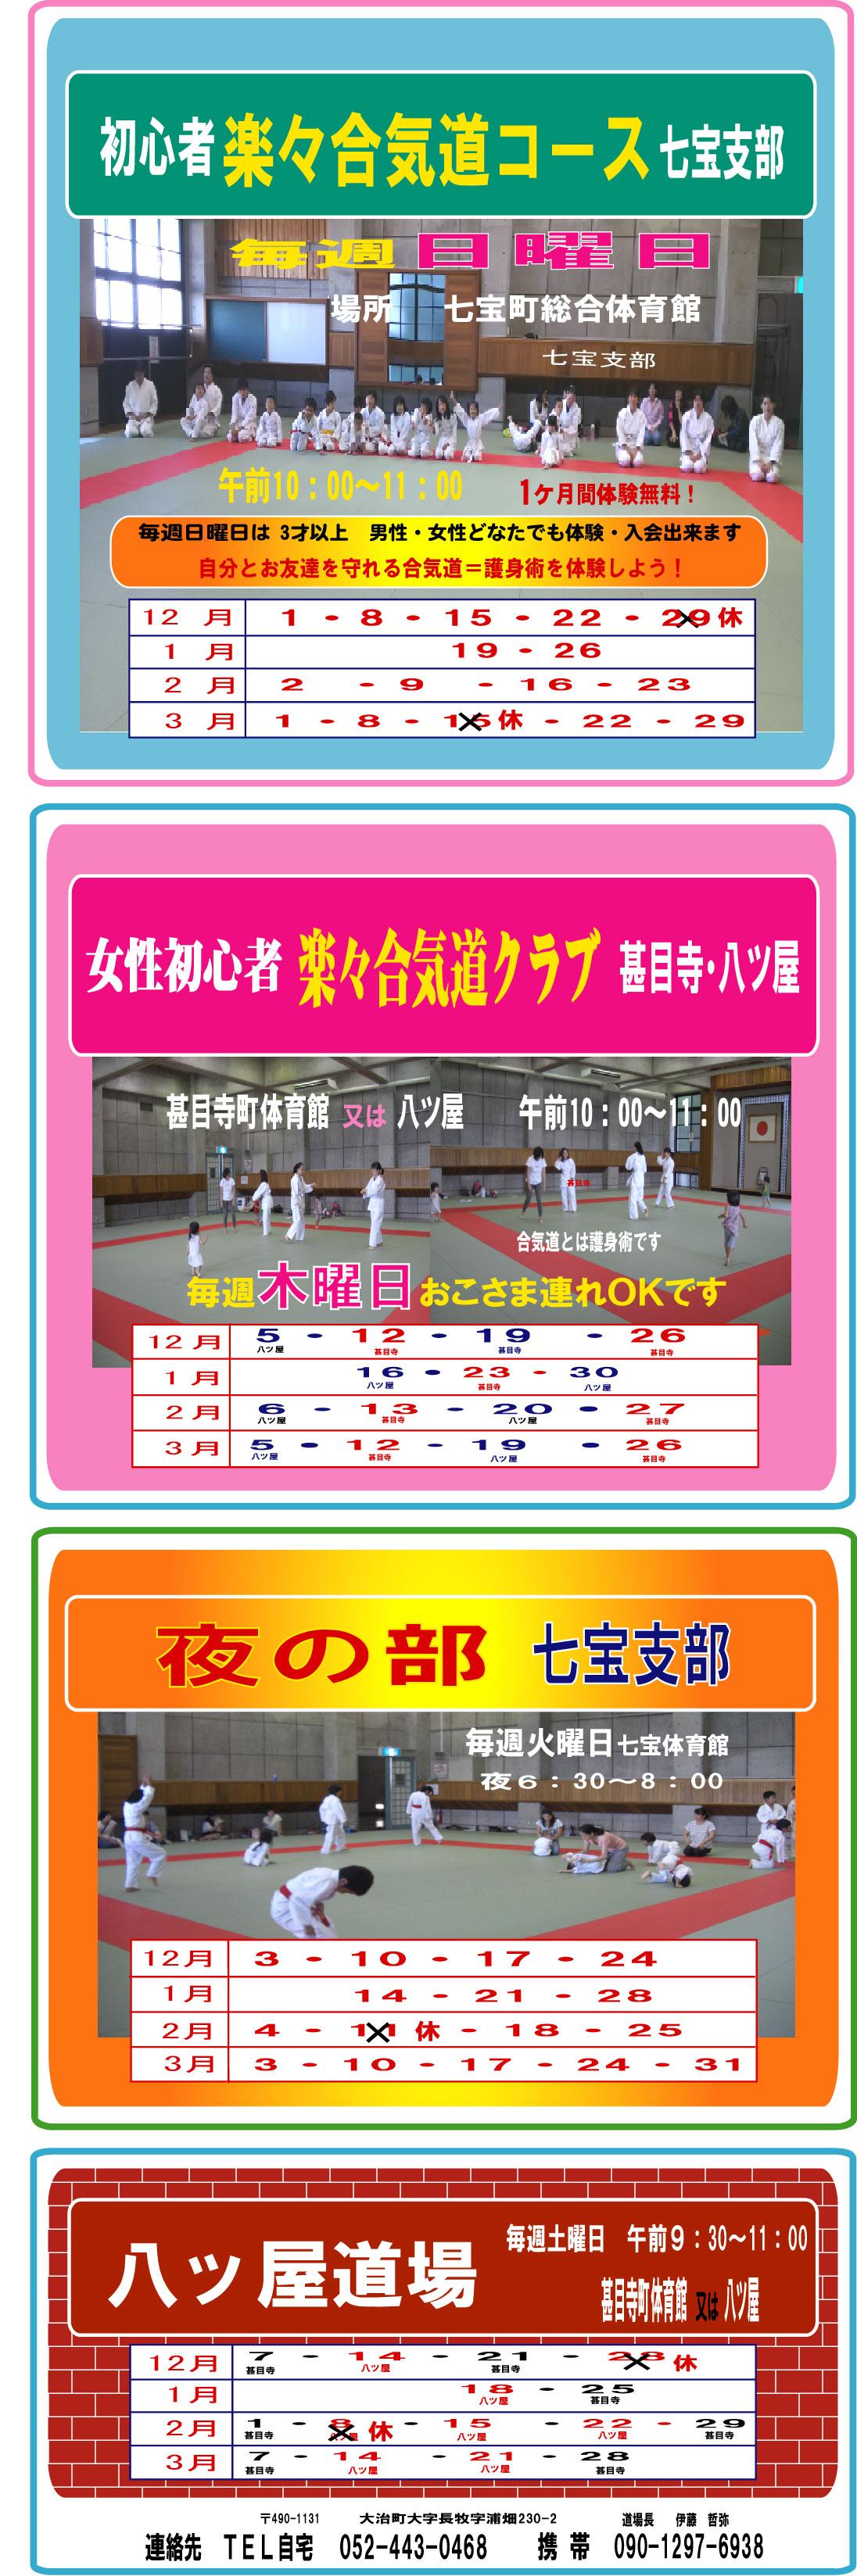 ホームページ用12.1..,2.3月